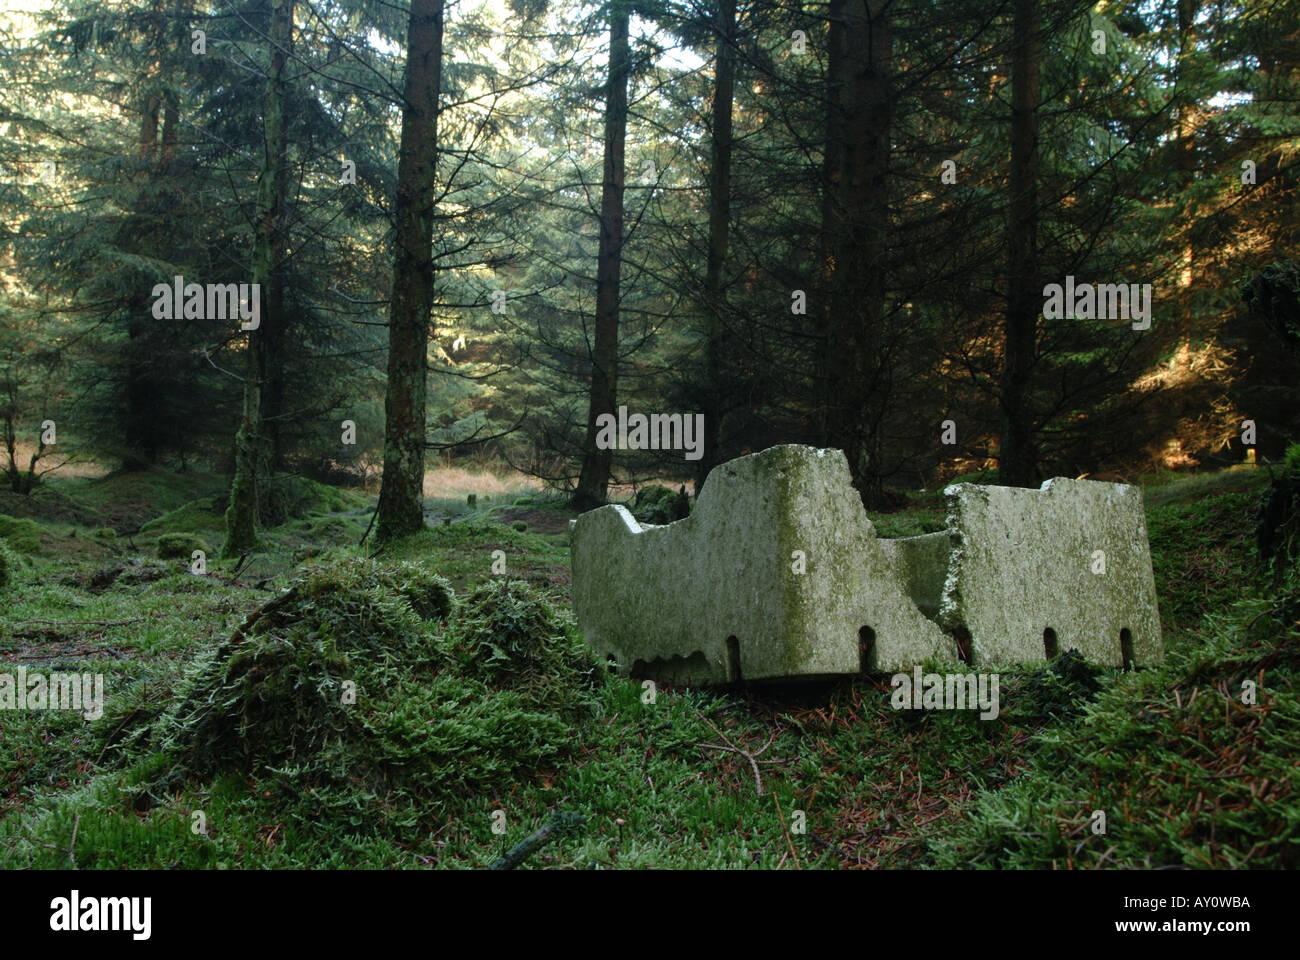 trash-left-in-nature-AY0WBA.jpg